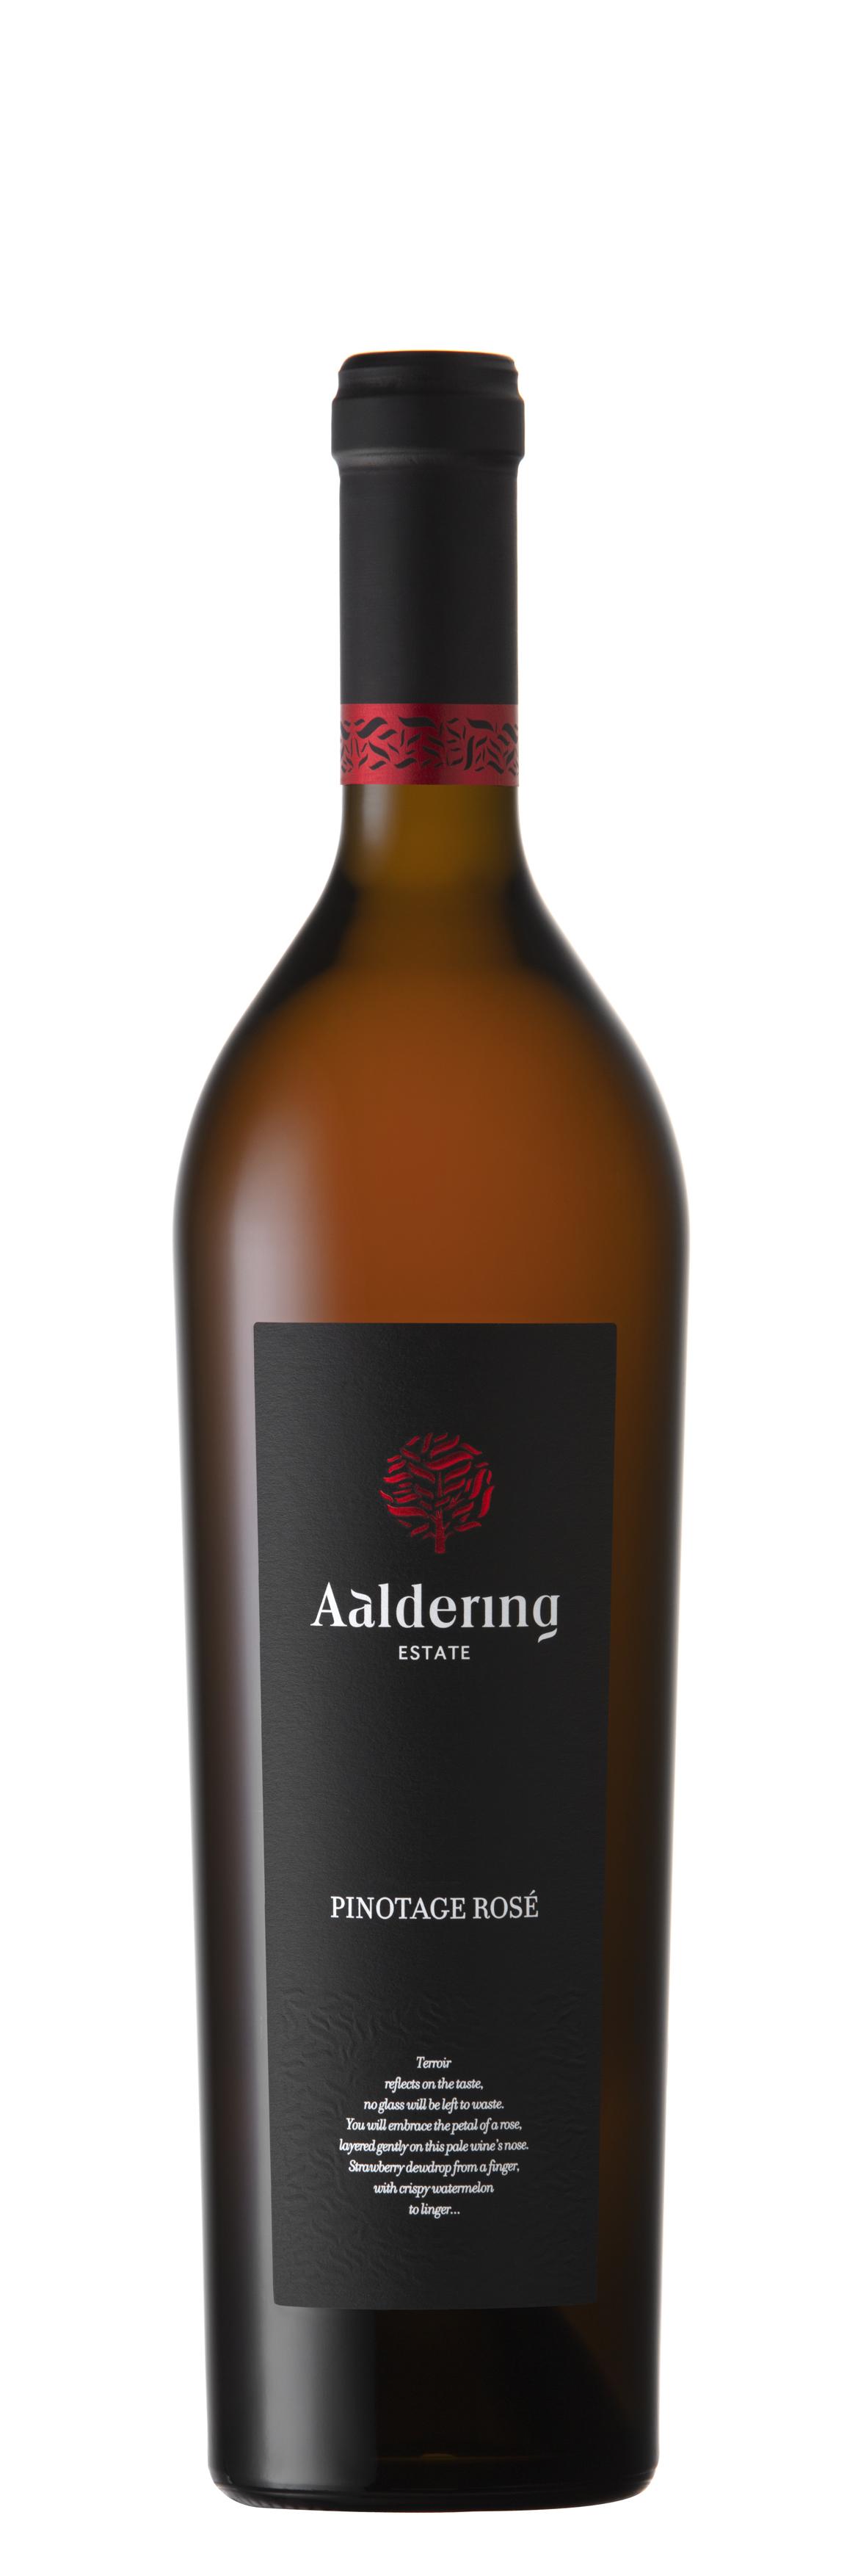 Aaldering Pinotage Rose 2019